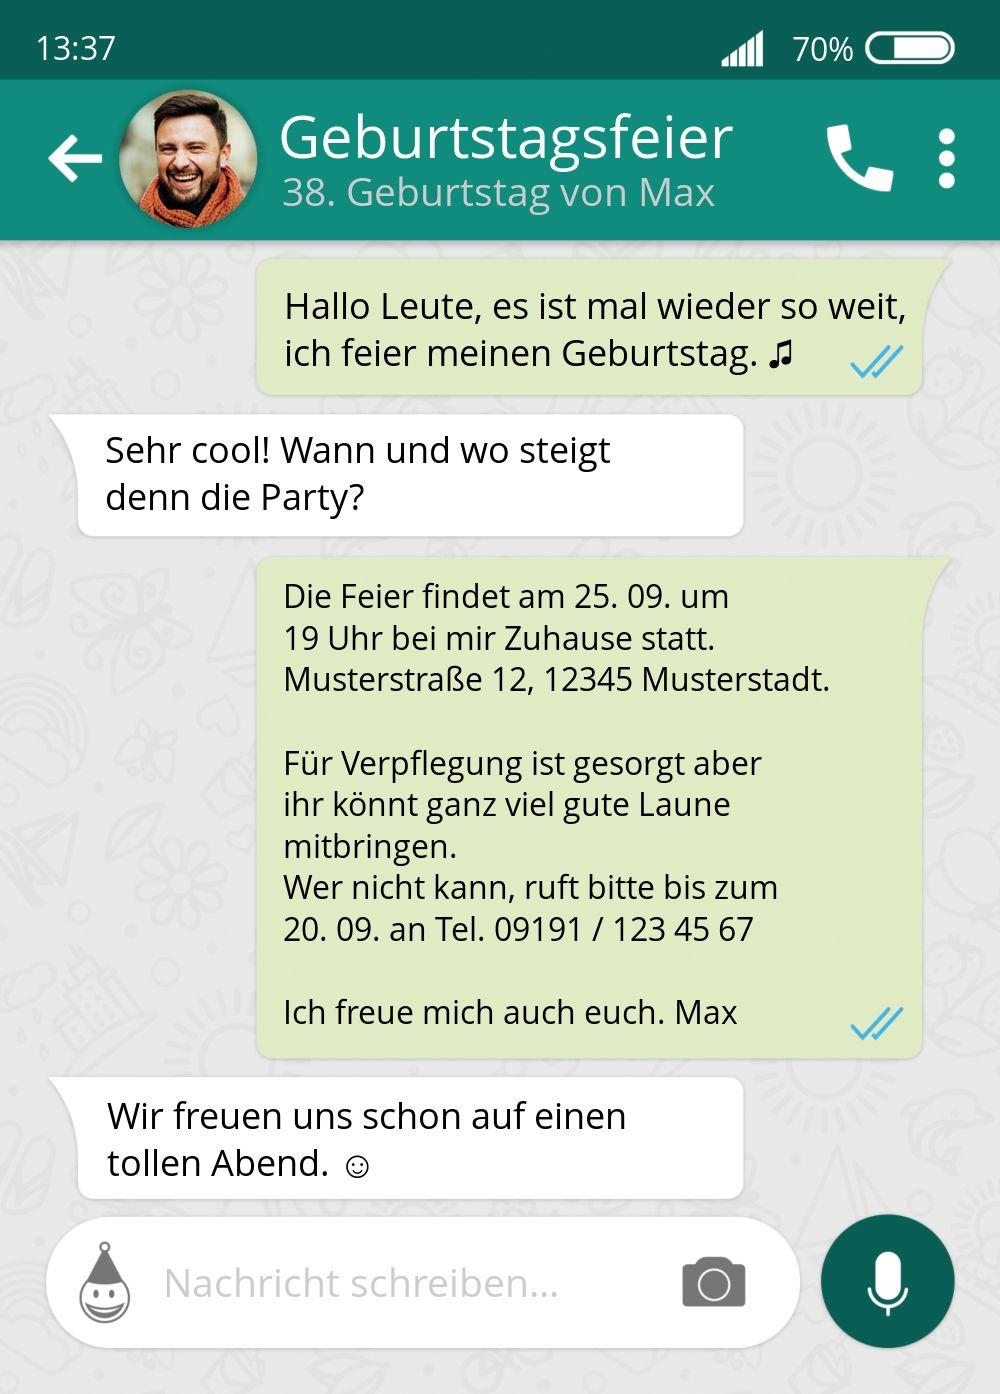 Ansicht 2 - Geburtstagseinladung Chat